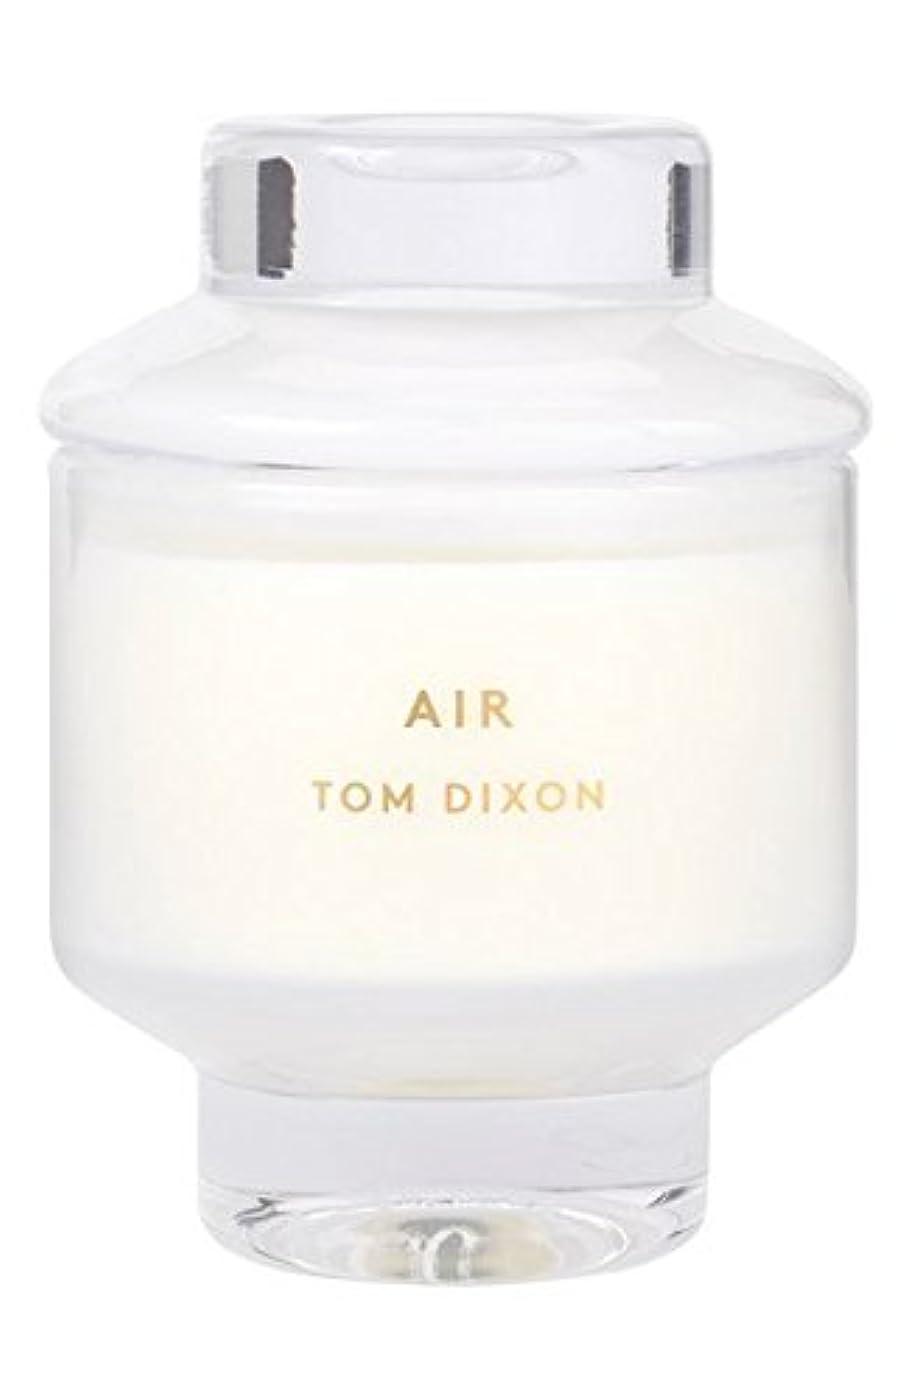 気候の山テンポ不当Tom Dixon 'Air' Candle (トム ディクソン 'エアー' キャンドル小)Small